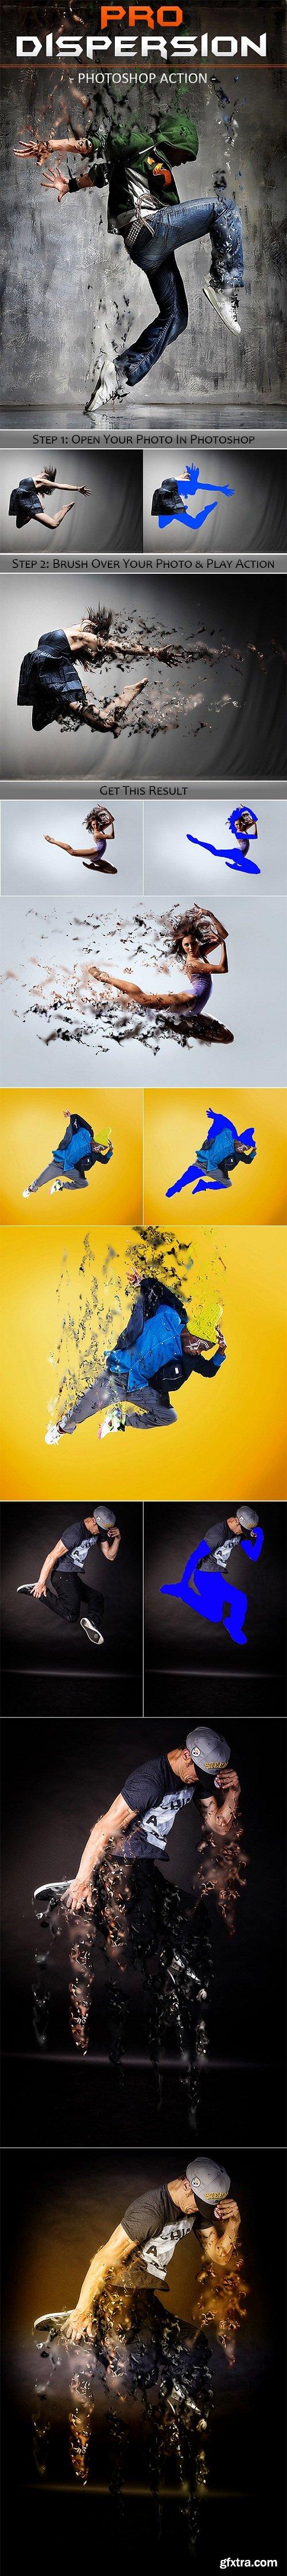 Pro Dispersion Photoshop Action